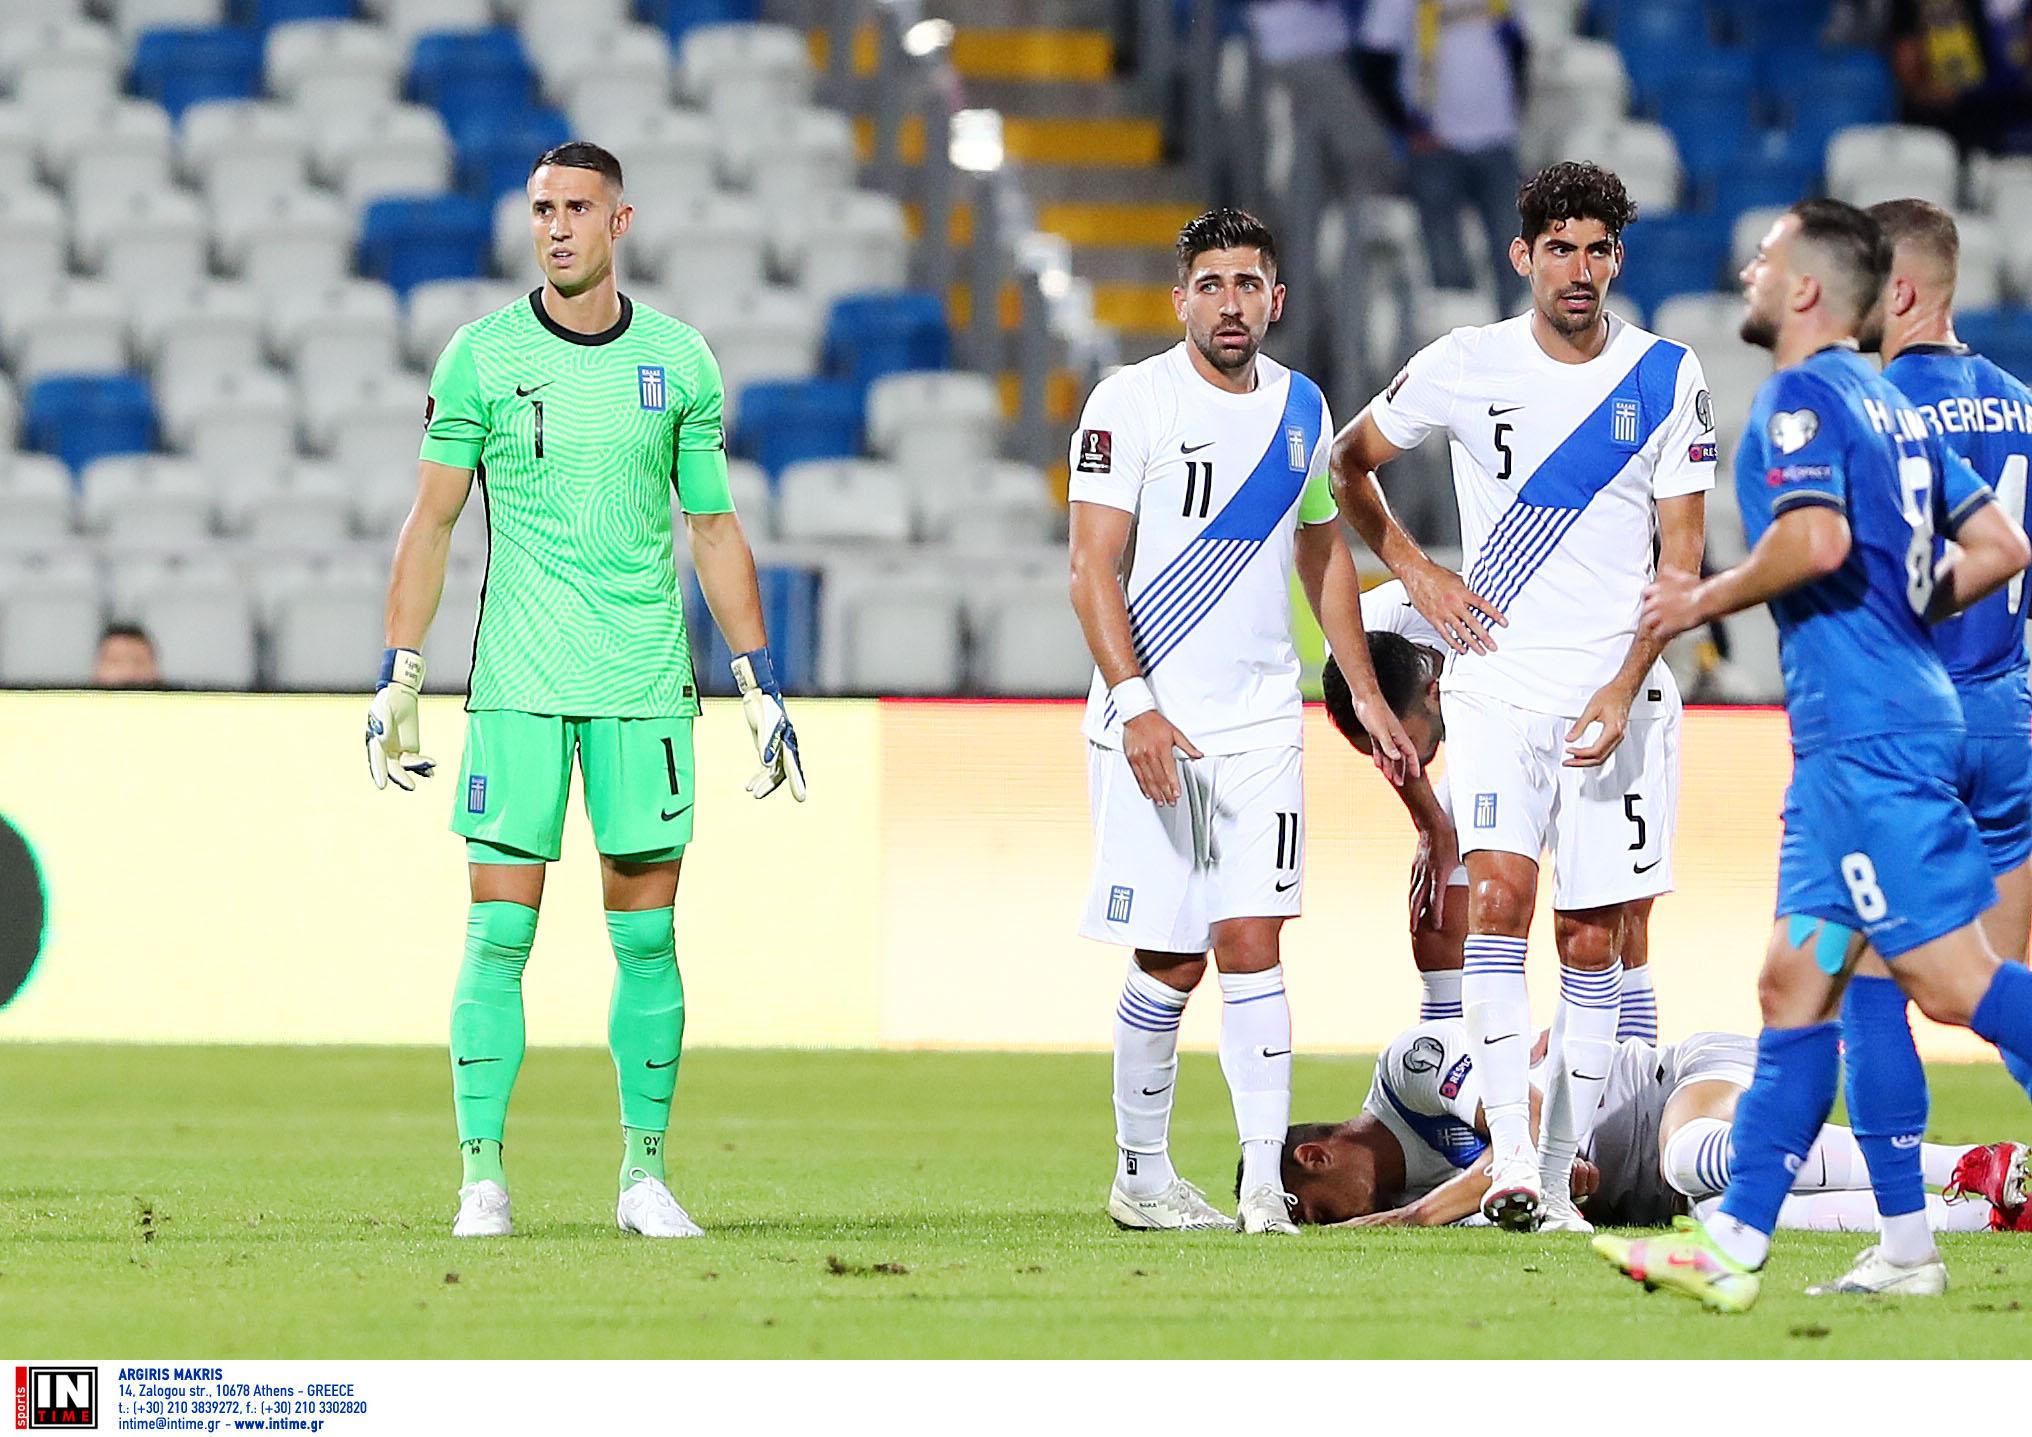 Κόσοβο – Ελλάδα 1-1: «Αυτοκτόνησε» η Εθνική χάνοντας τη νίκη στις καθυστερήσεις